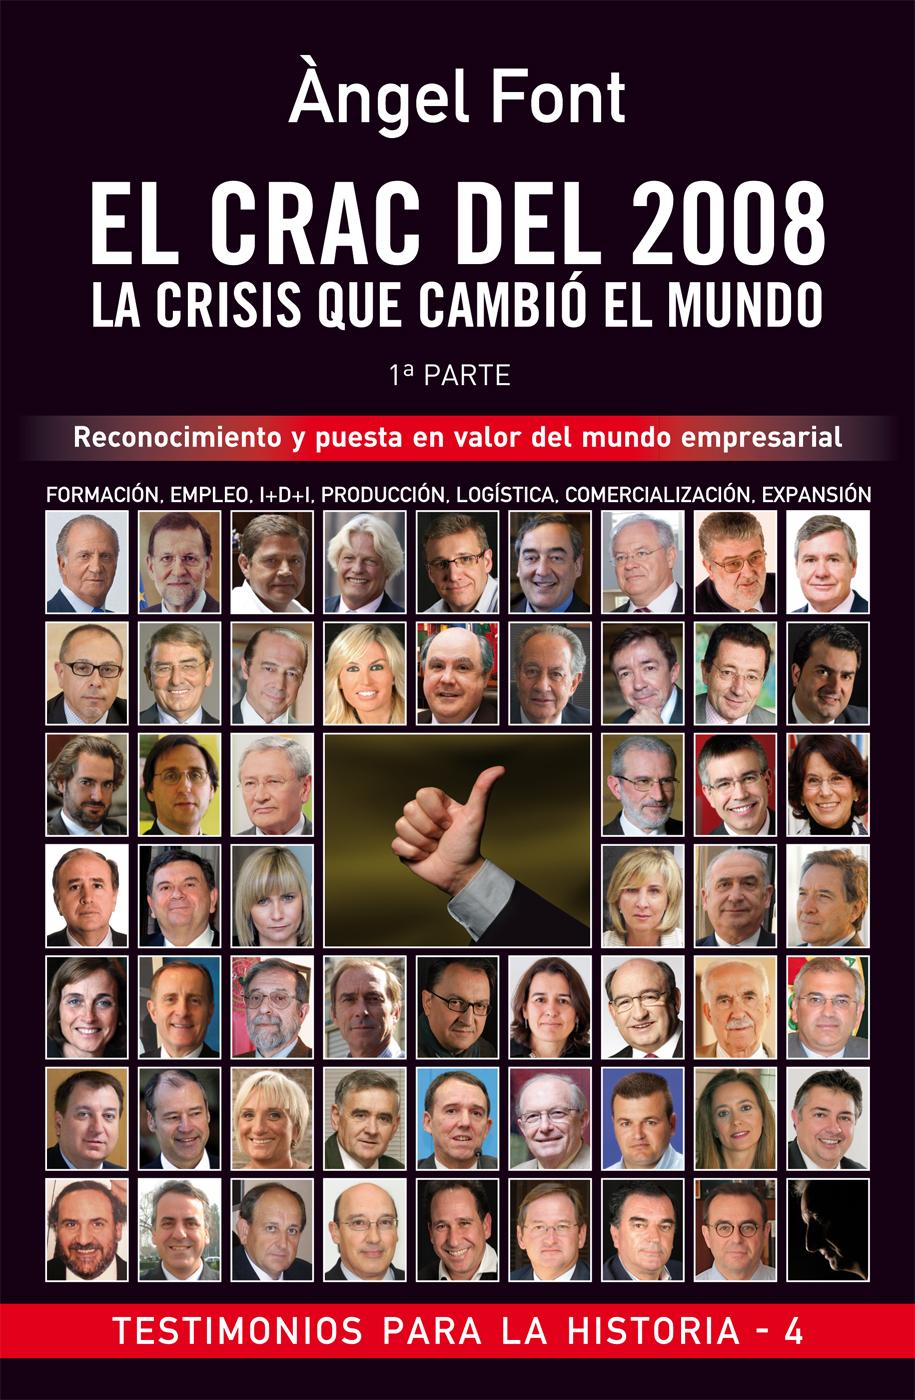 EL CRAC DEL 2008 : LA CRISIS QUE CAMBIÓ EL MUNDO